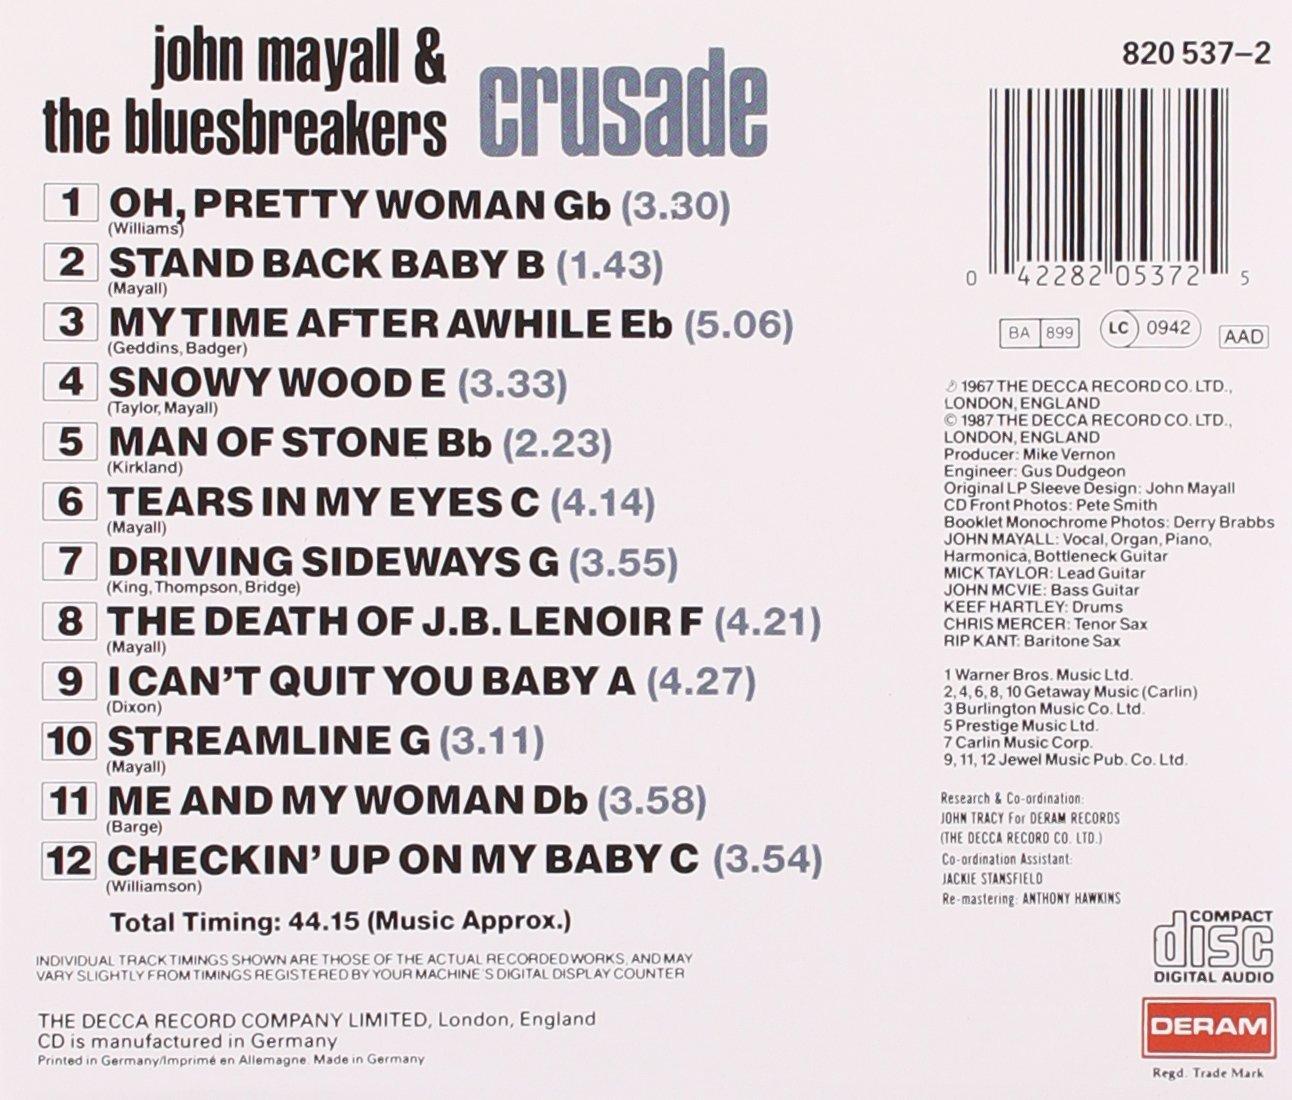 John Mayall & The Bluesbreakers - Crusade - Amazon.com Music